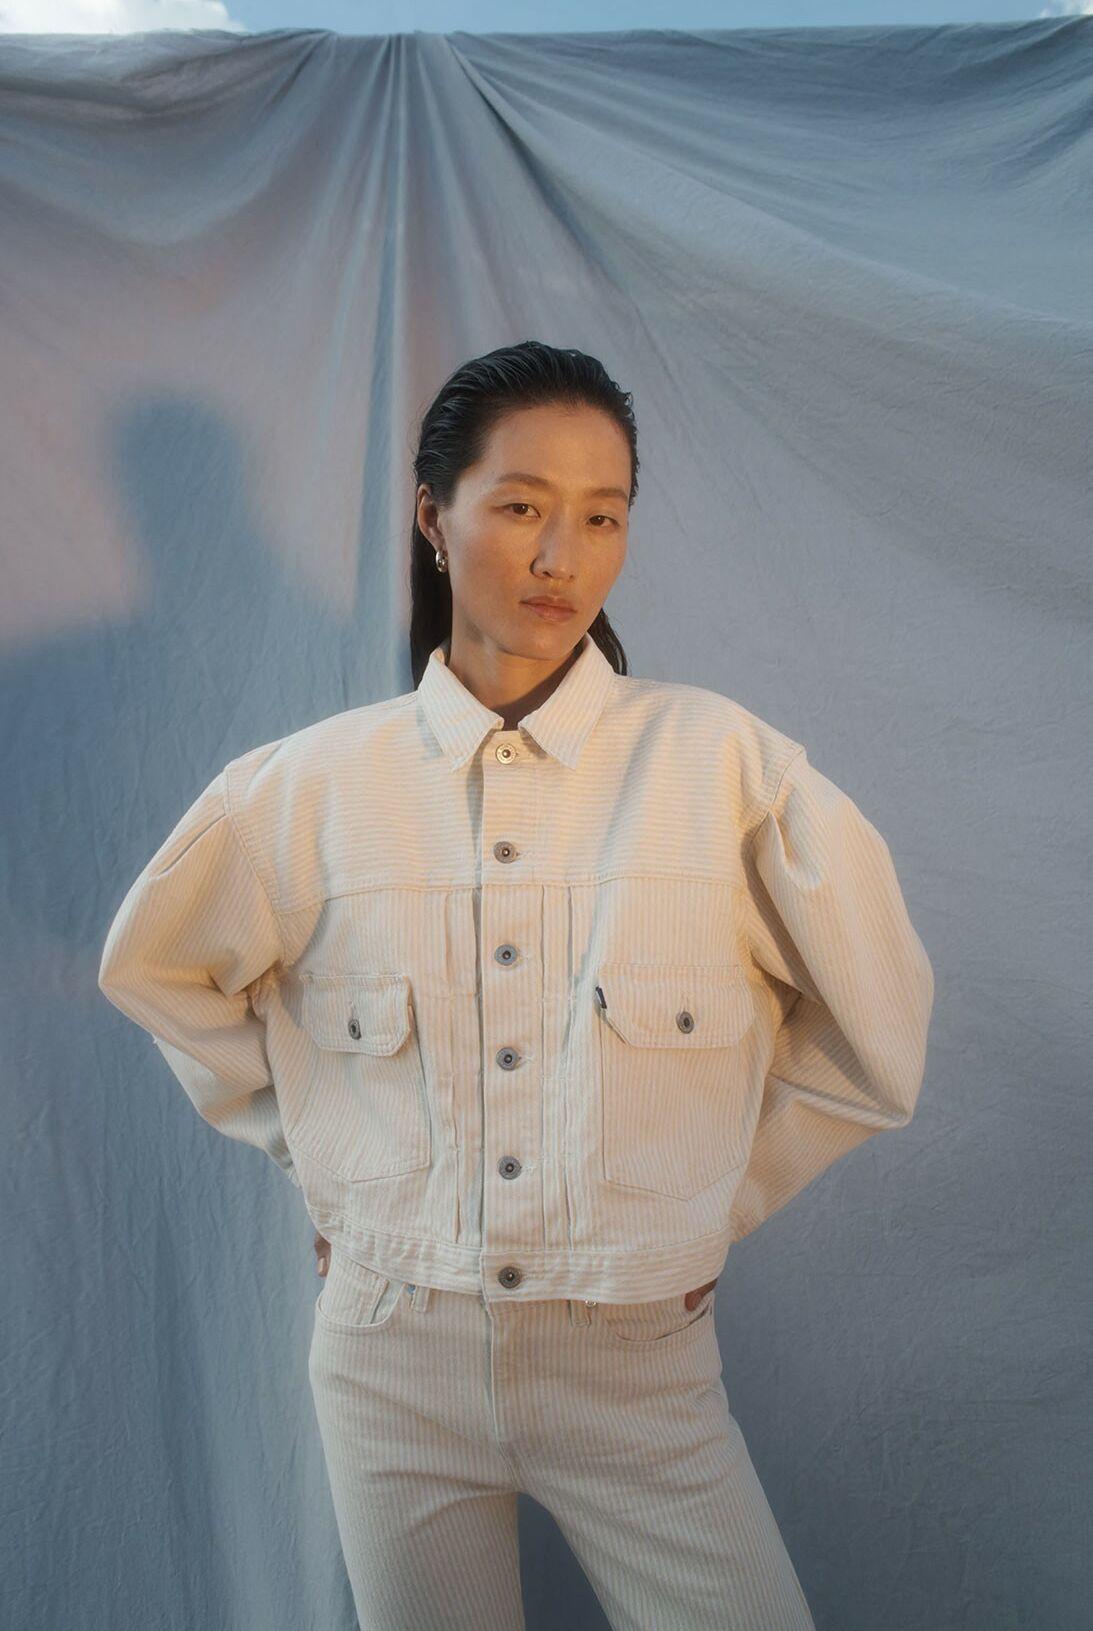 La veste en jean beige intègre la ligne printemps été 2021 des jeans Levi's